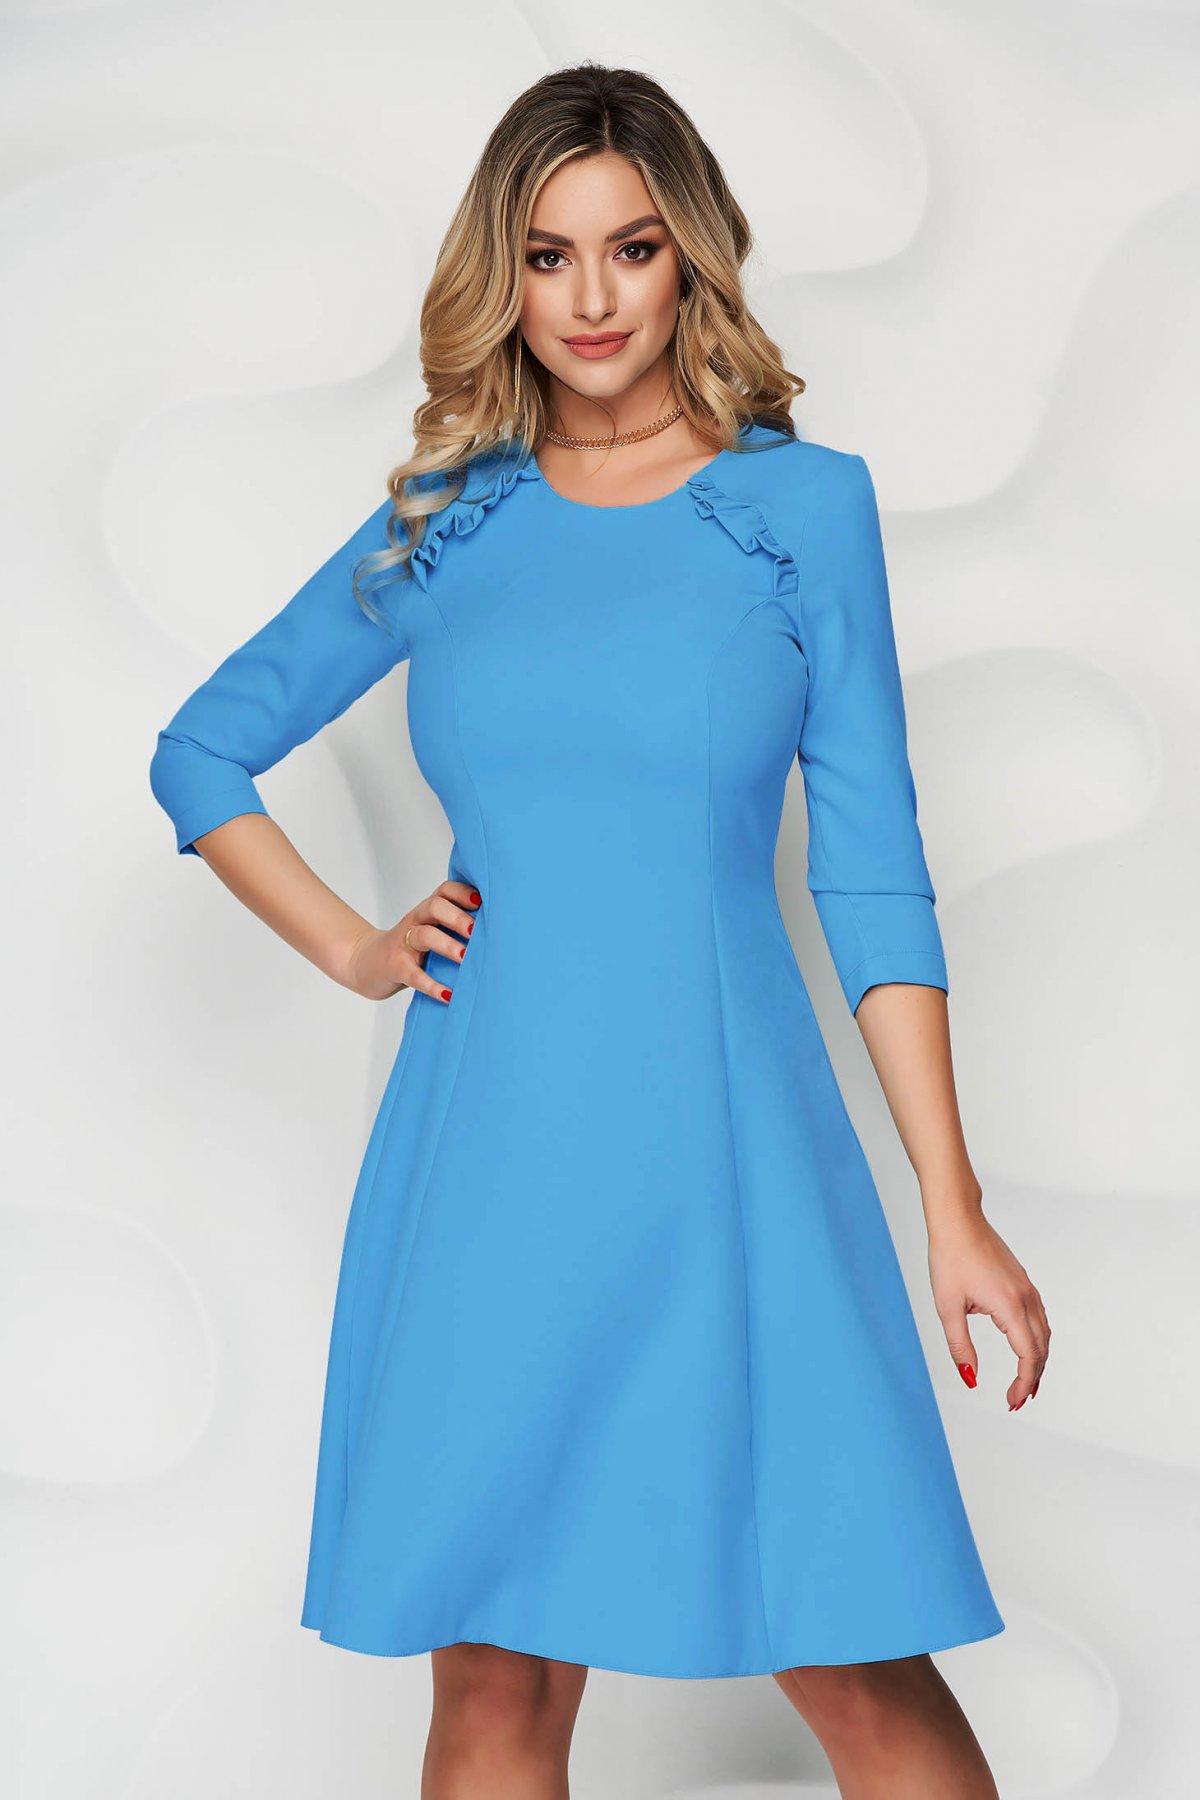 Rochie StarShinerS albastra office midi in clos din stofa usor elastica cu volanase